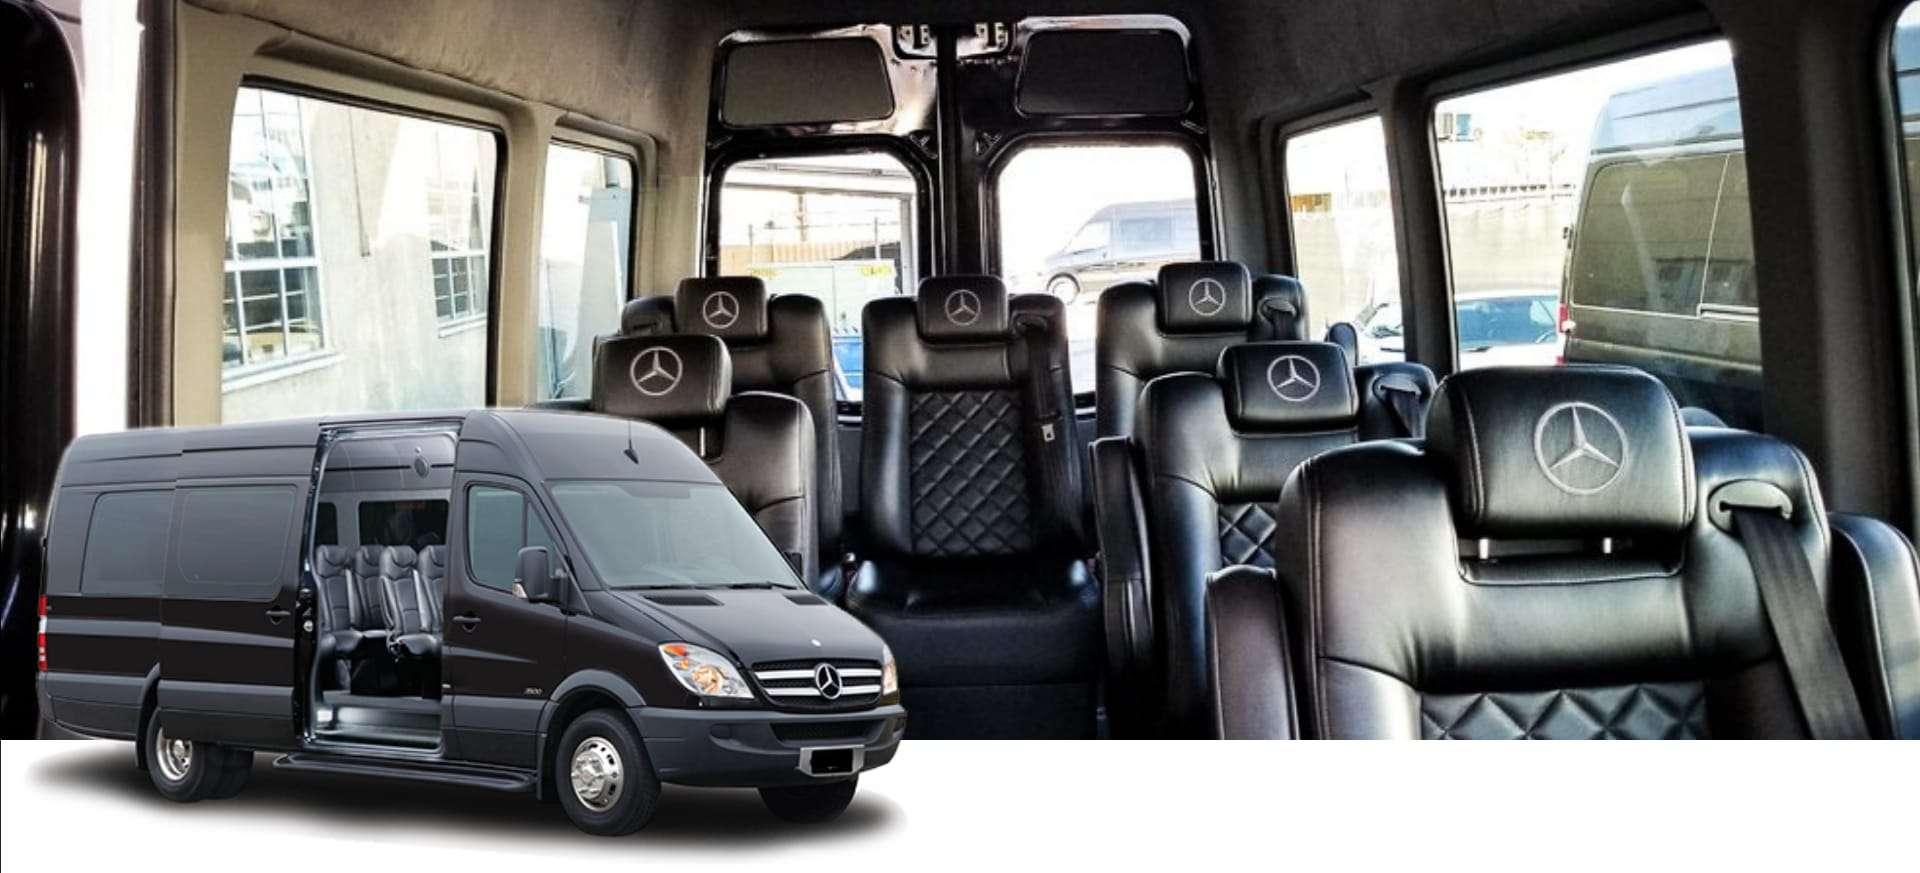 hire this mercedes sprinter minibus with leather interior in zurich